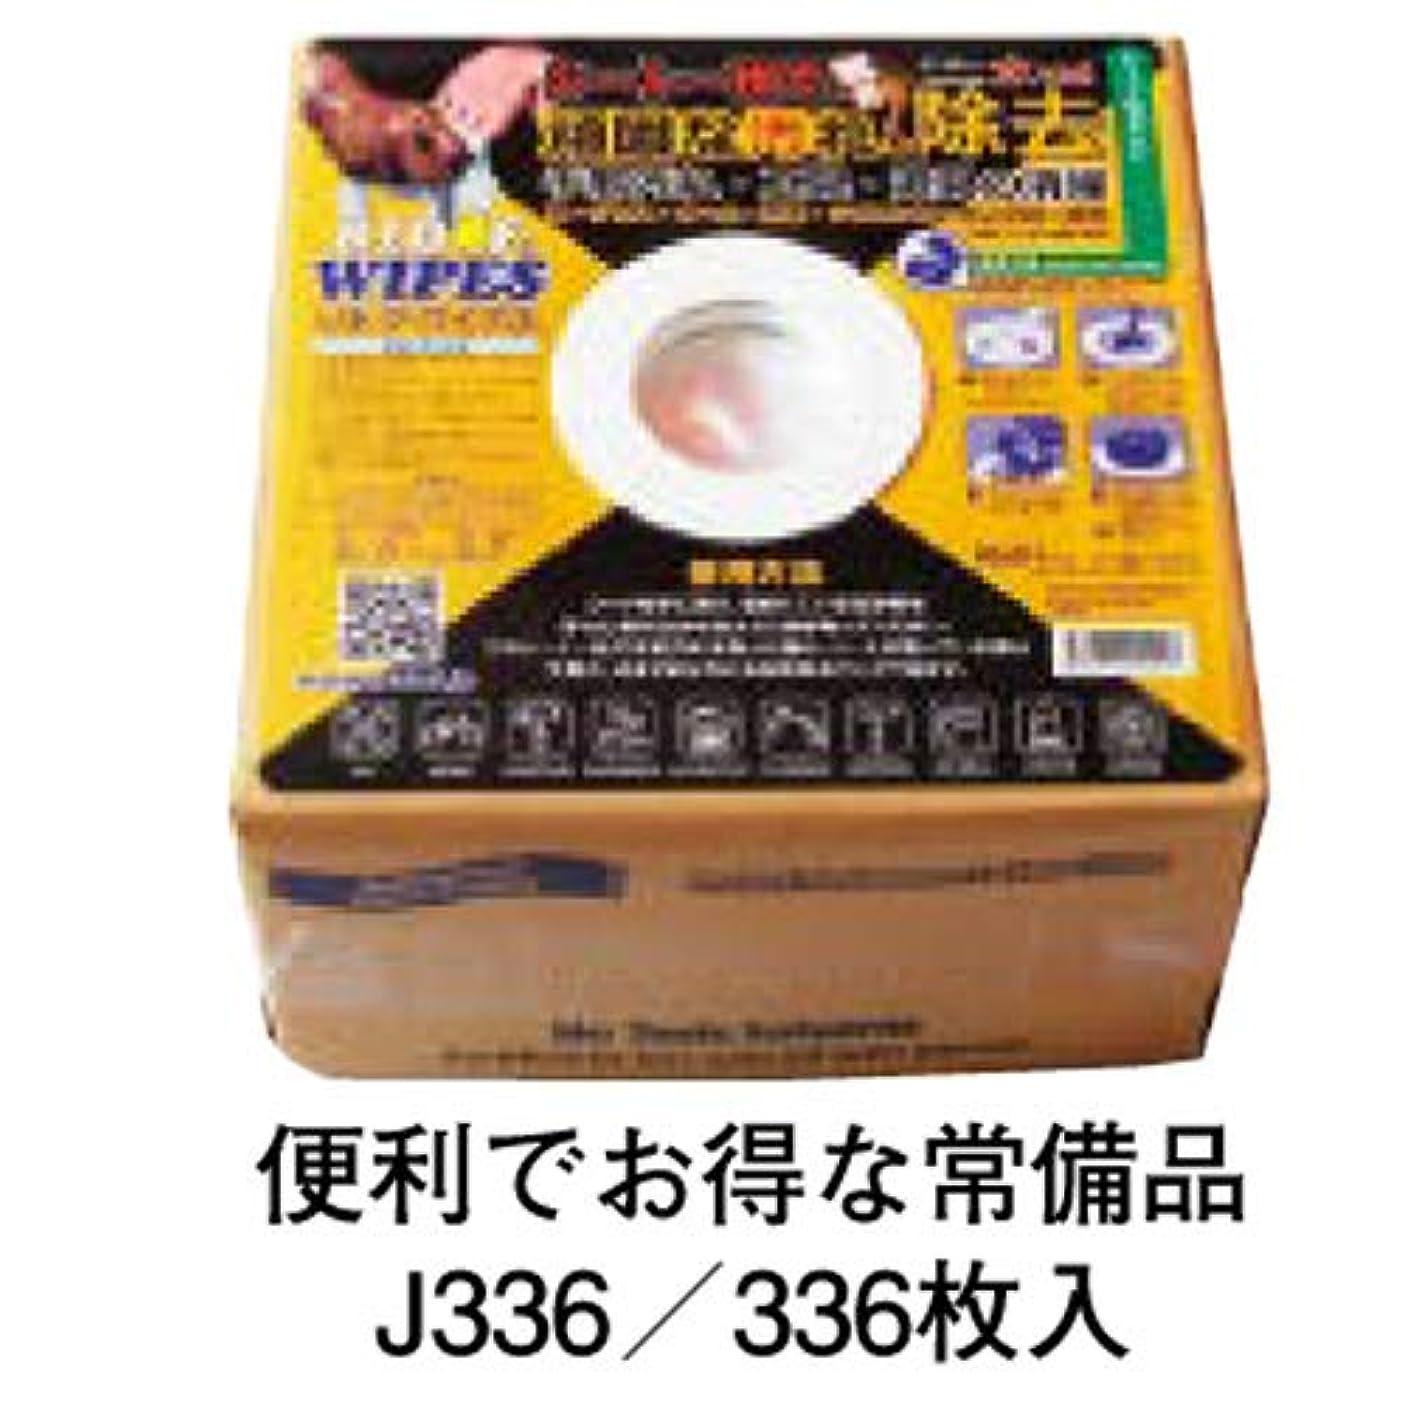 導入する渦スチュアート島リドフワイプス ボックスタイプ/336枚入 J336